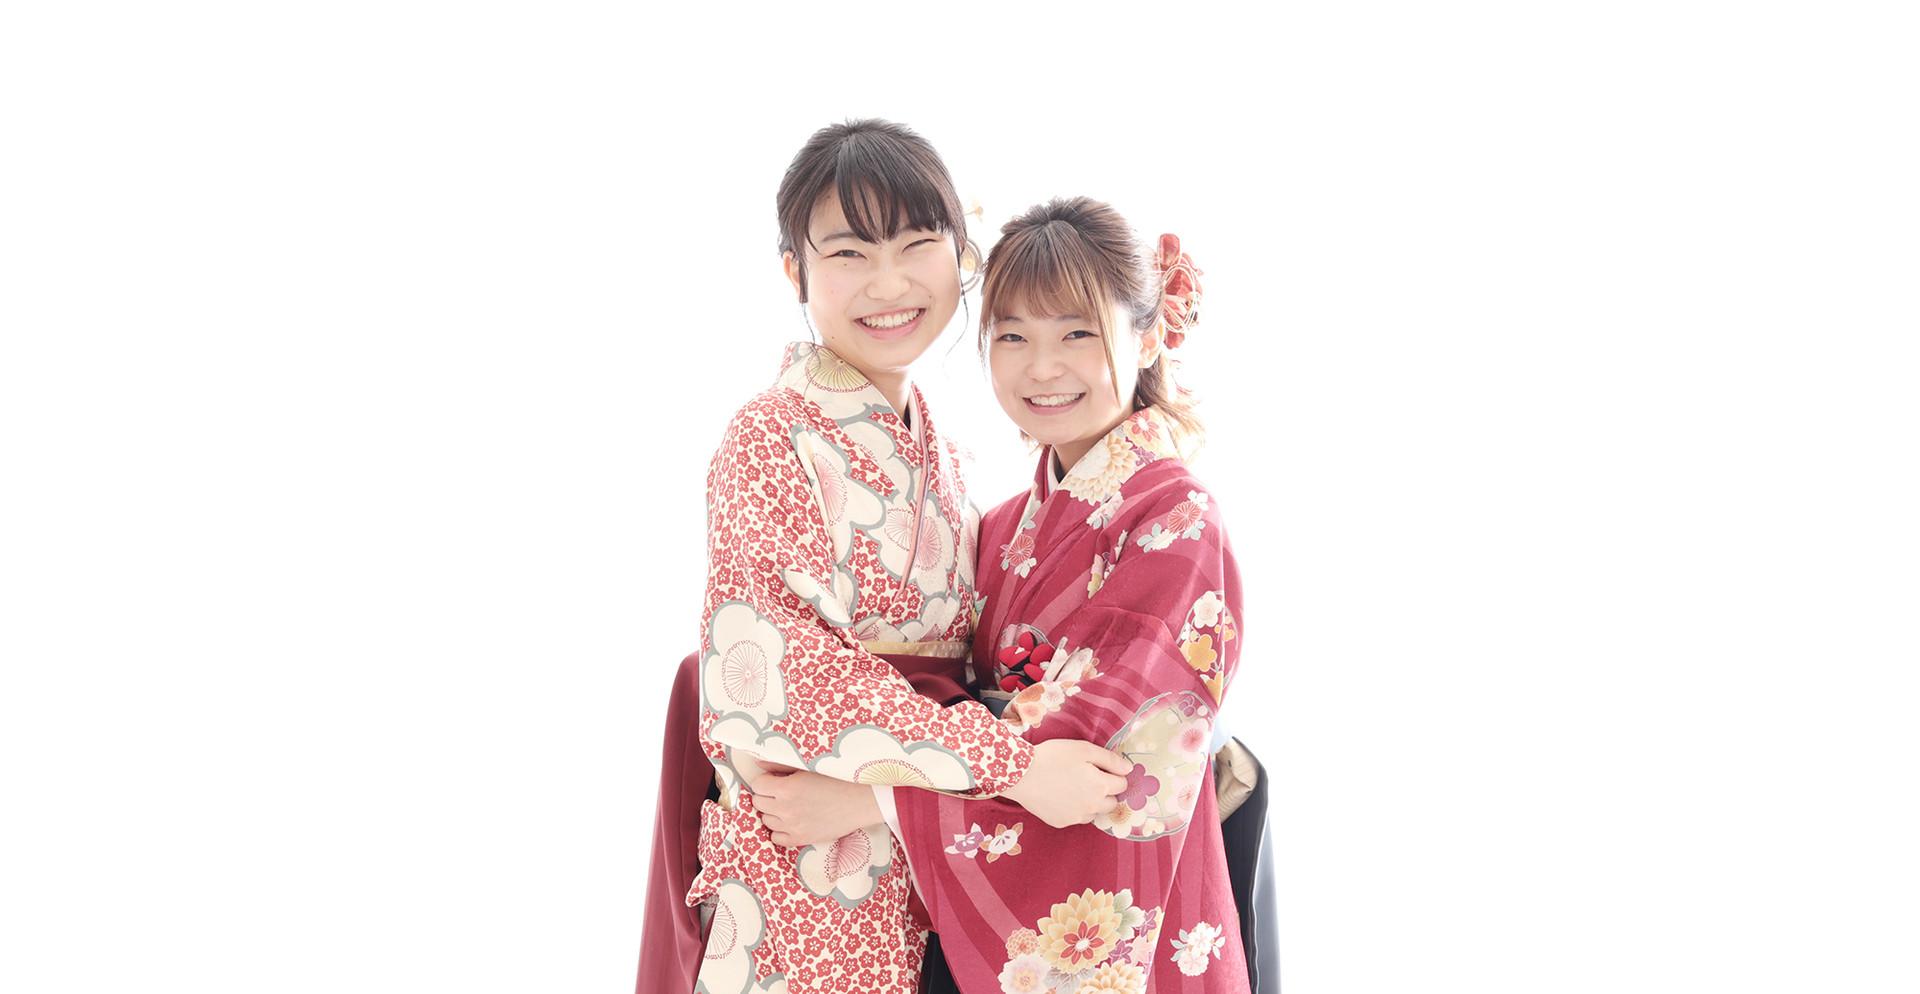 卒業袴撮影 | 横浜と川崎にある低価格のフォトスタジオ